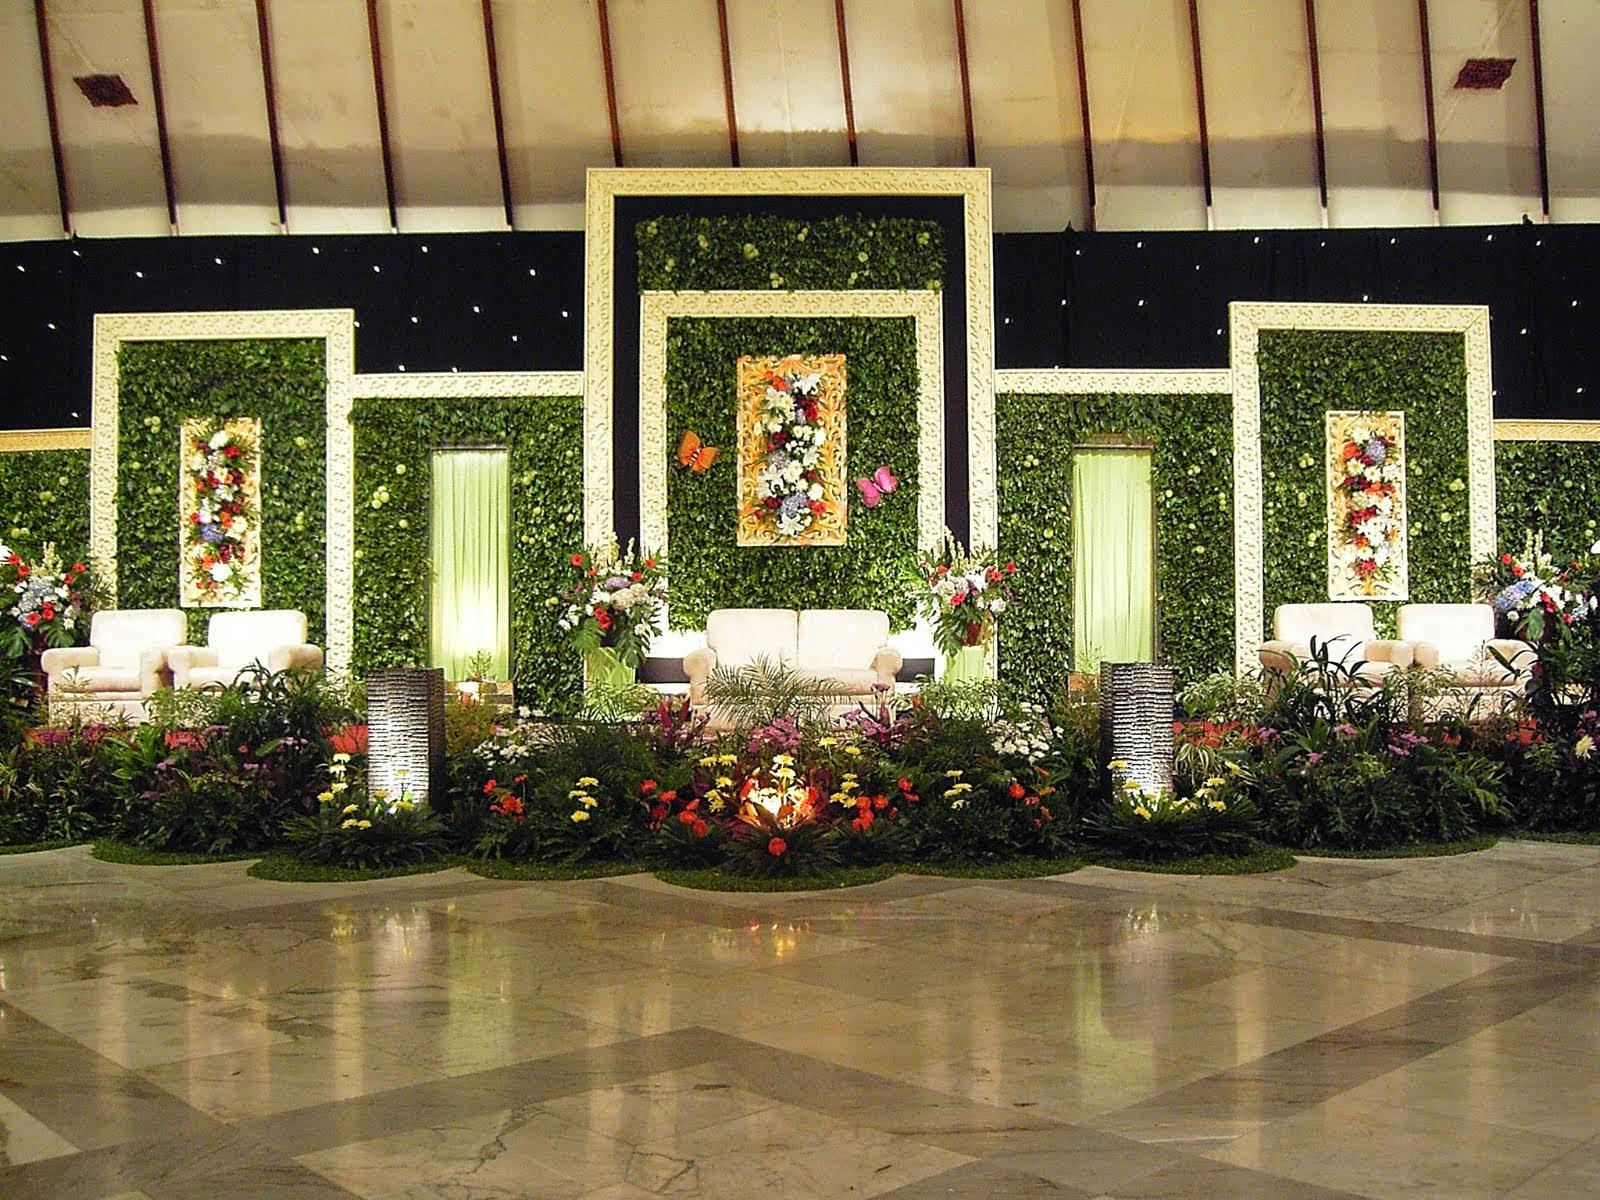 55 Gambar Dekorasi Pelaminan Minimalis Modern Dan Klasik  Desainrumahnya.com